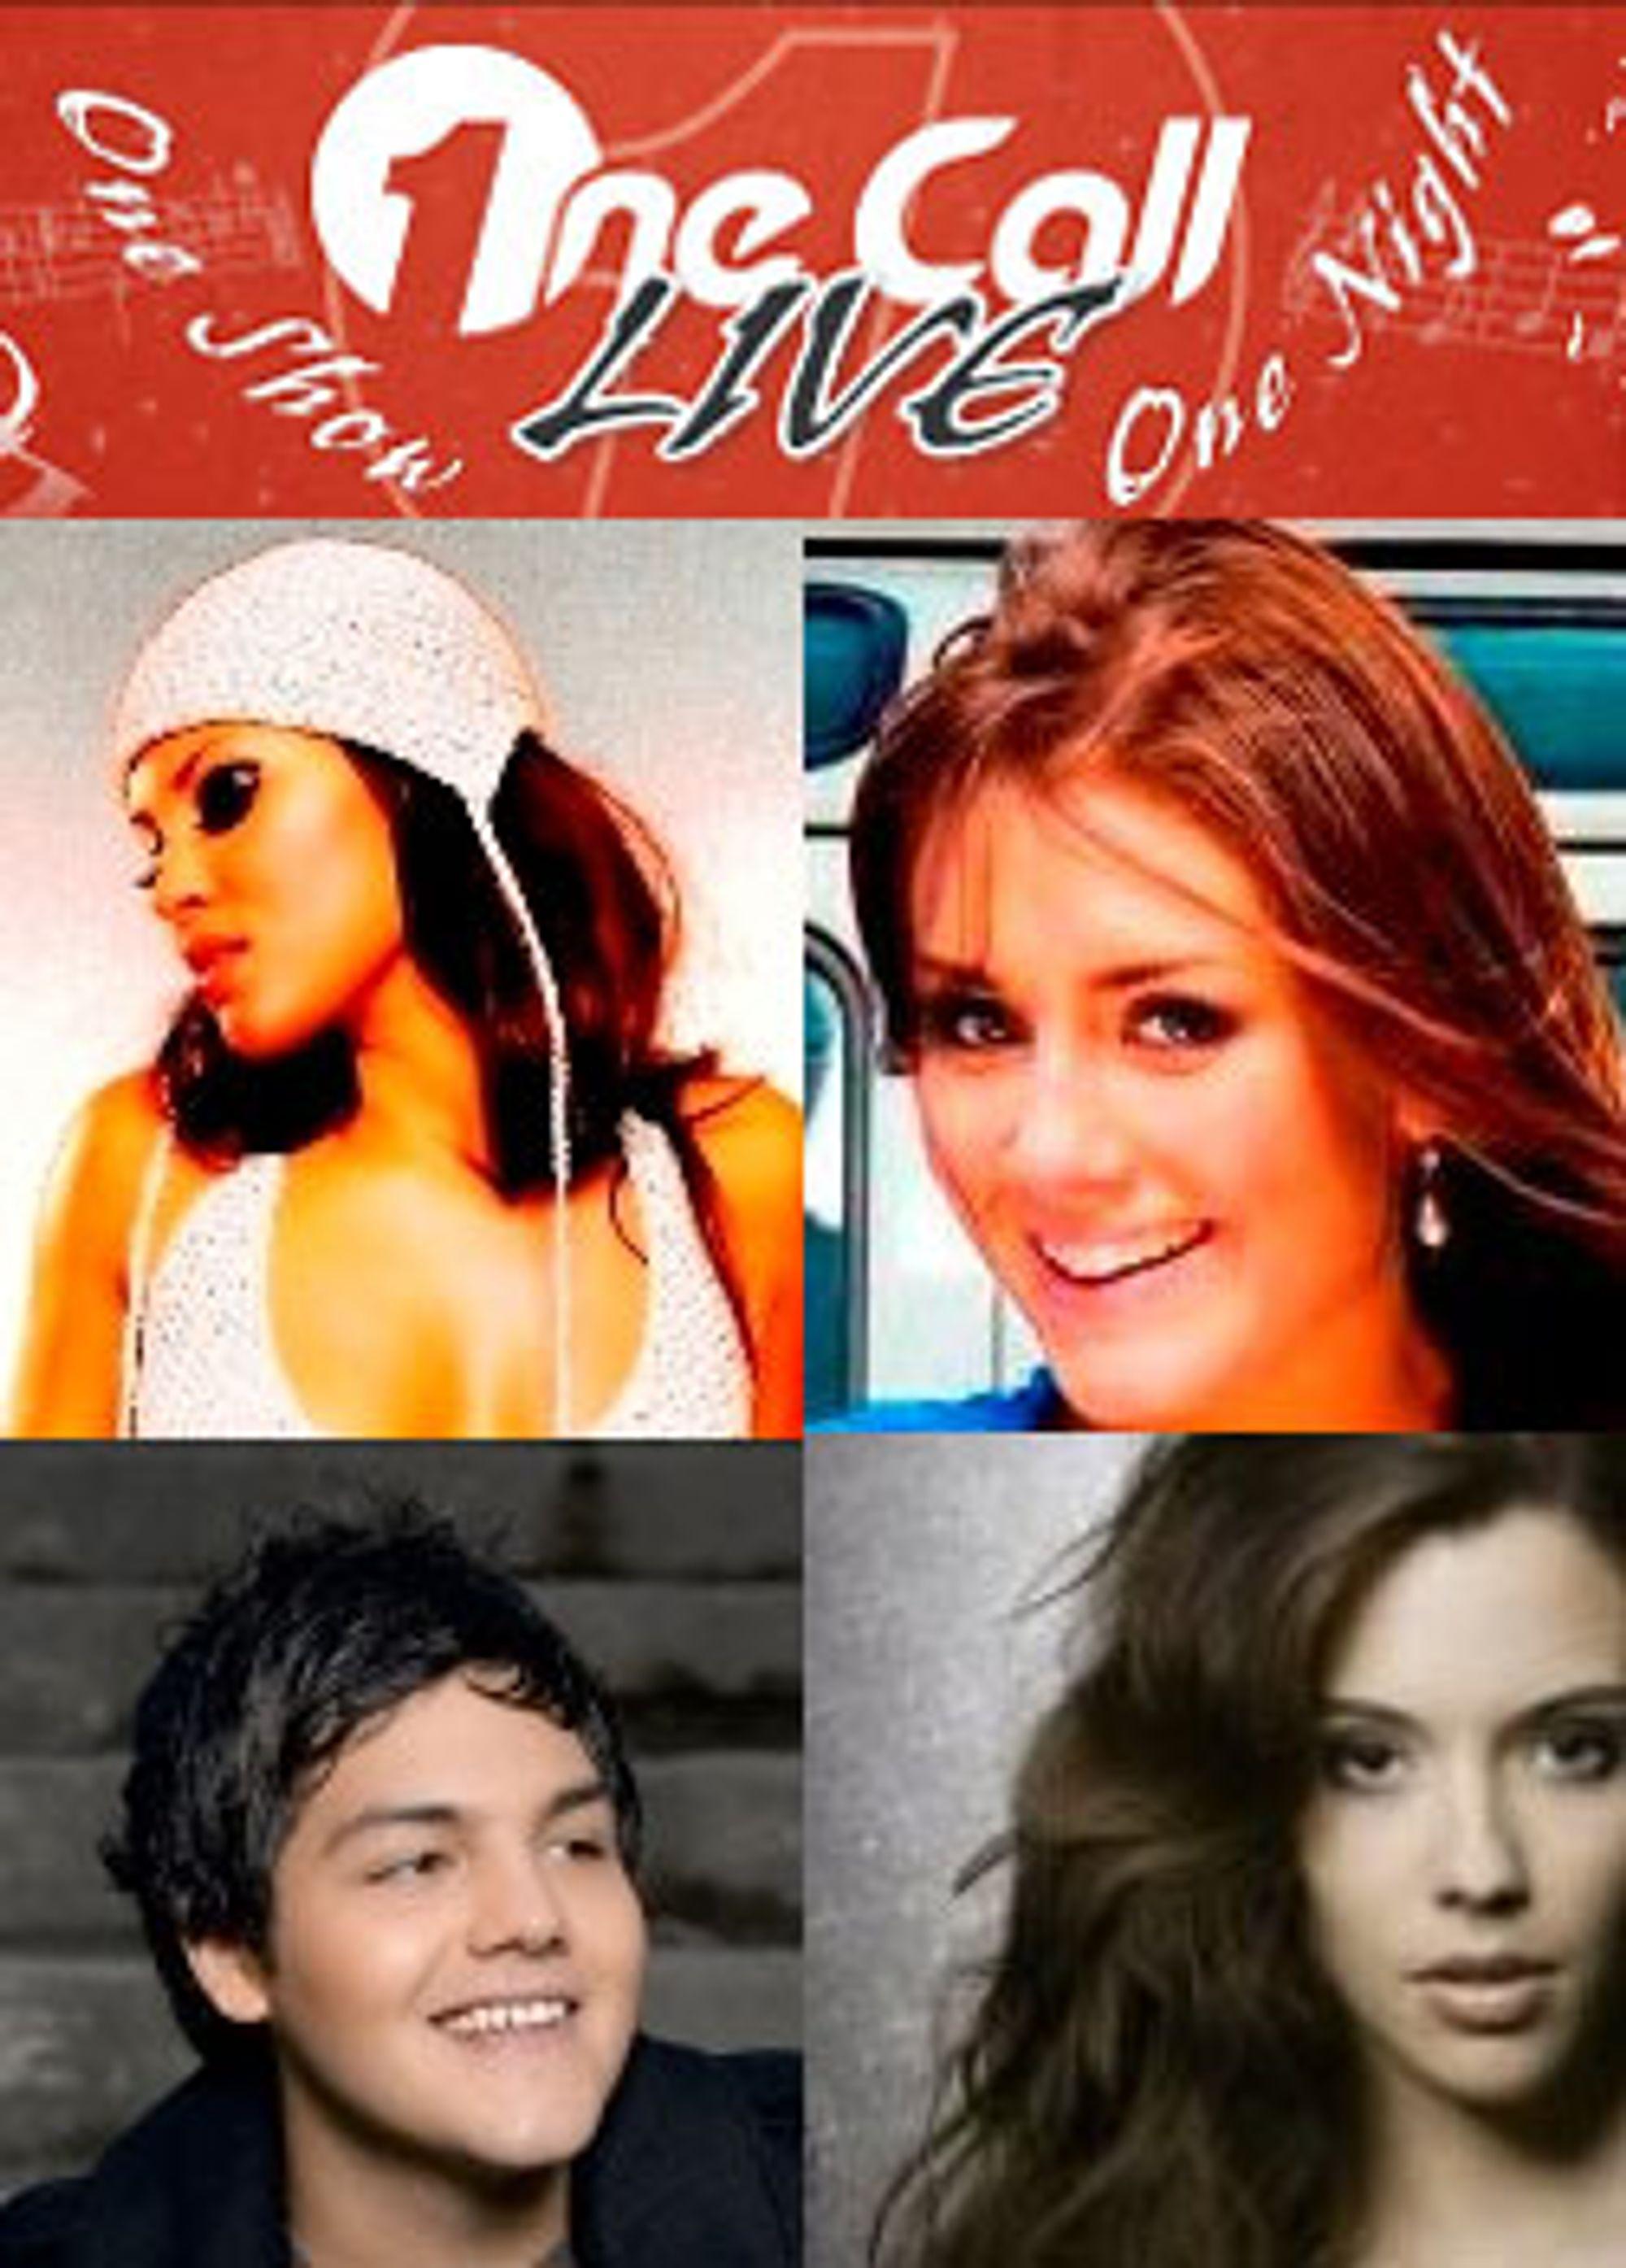 Mira Craig, Tone Damli Aaberge, Alejandro Fuentes og Marion Ravn er blant stjernene som vil spille på One Call Live-konserten.